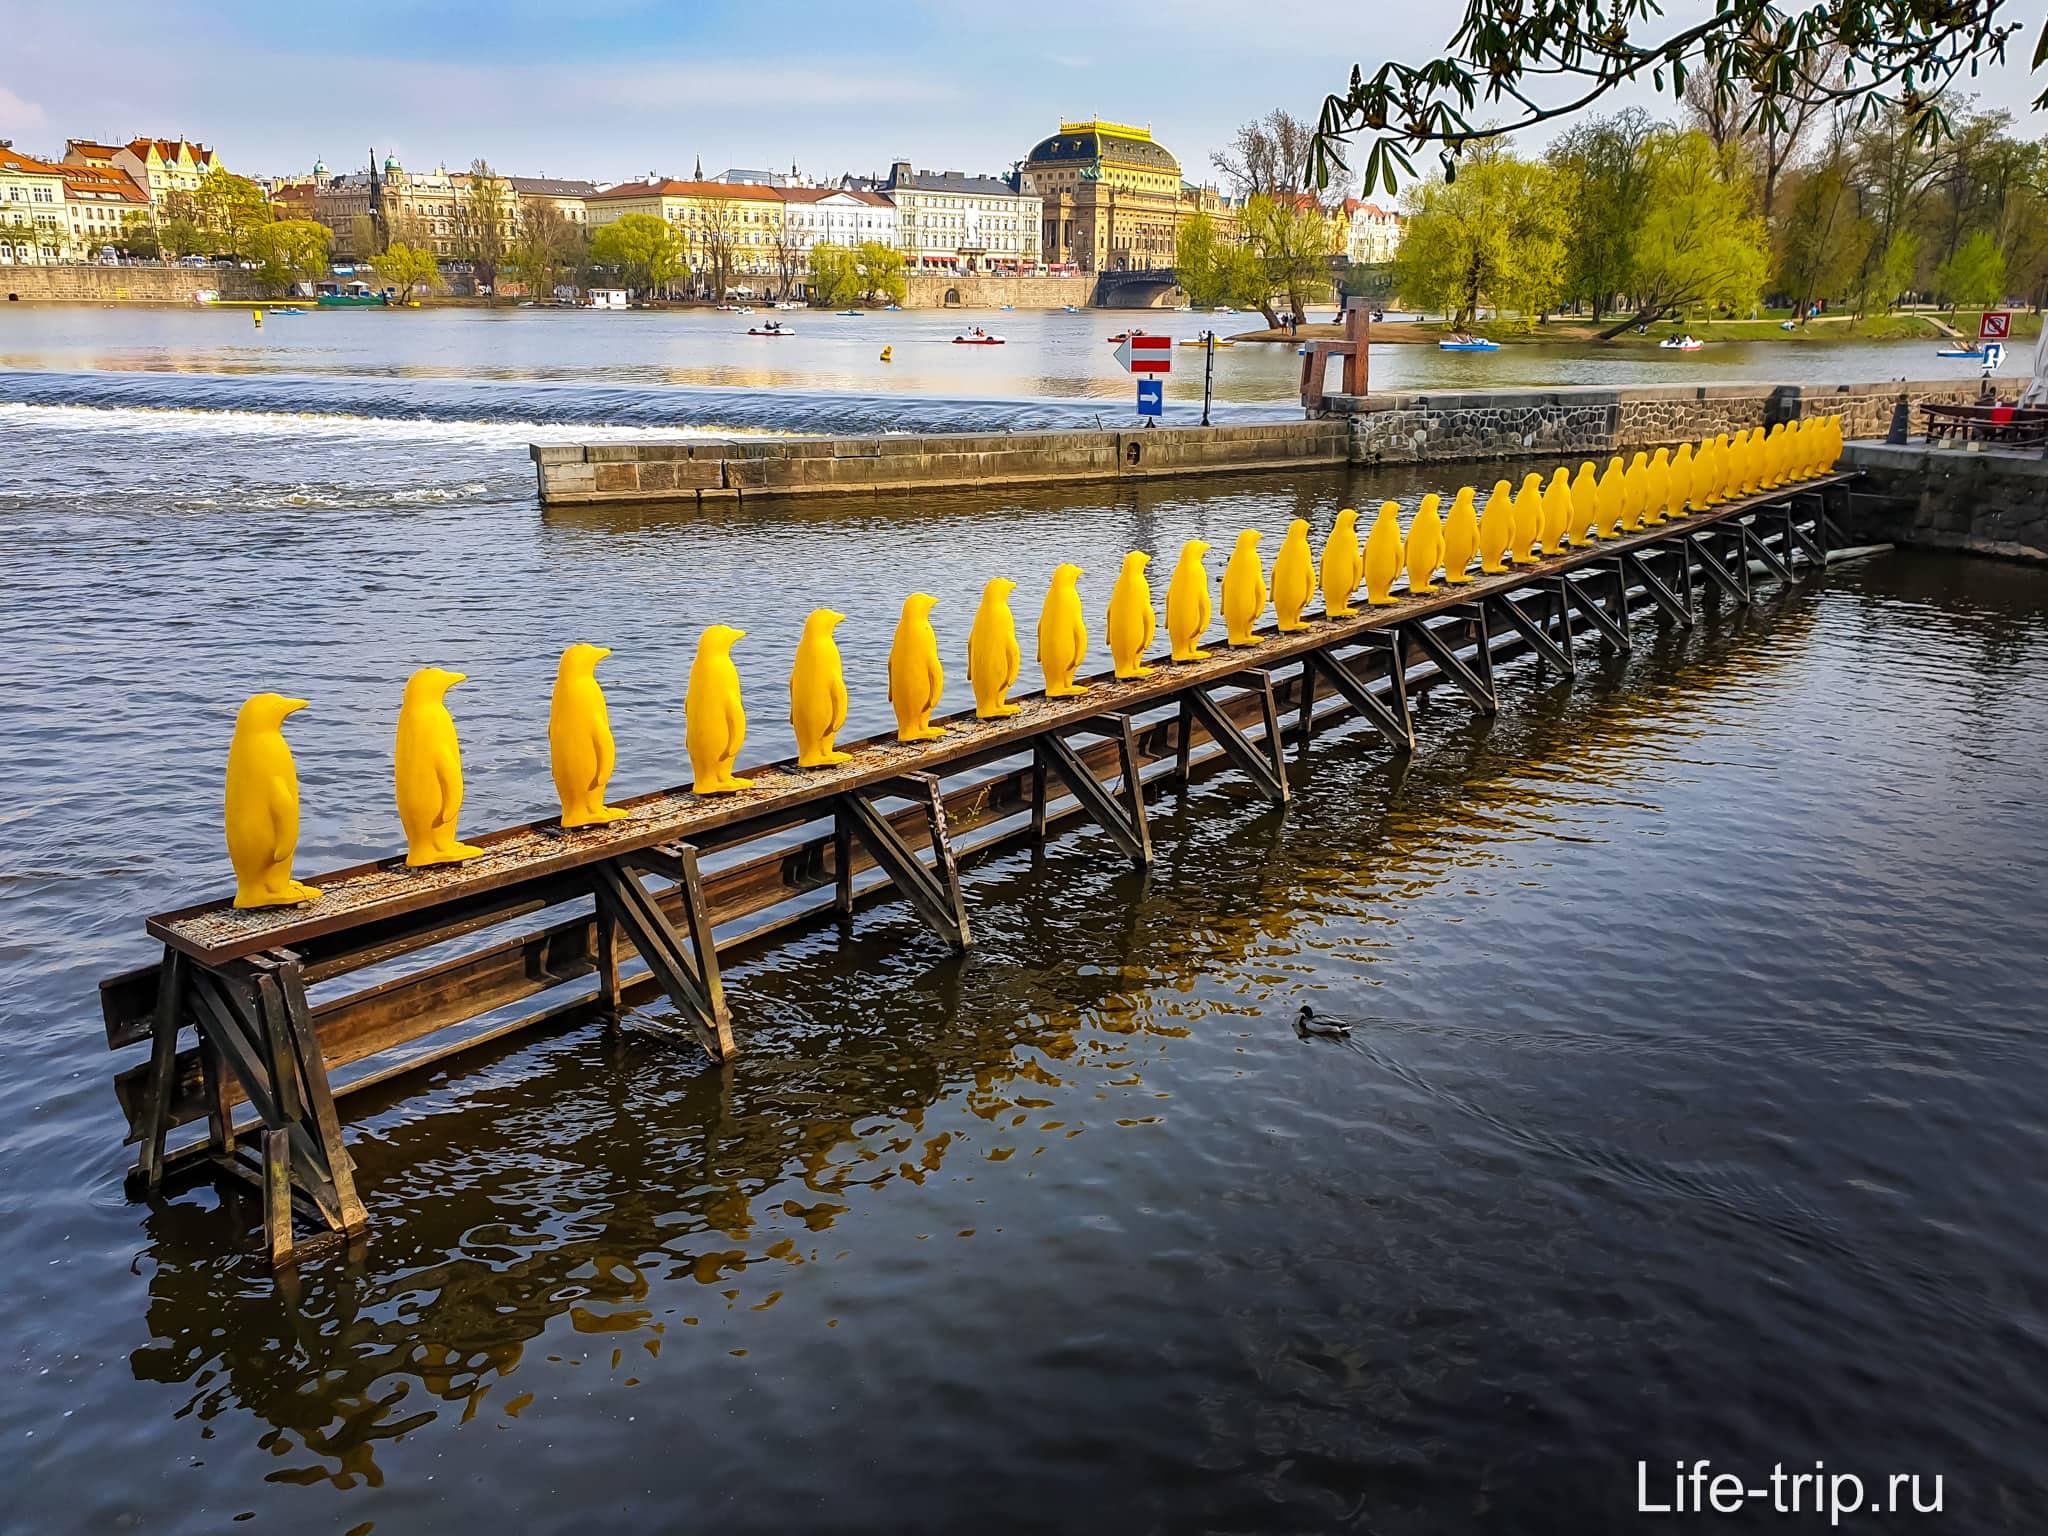 Марш пингвинов через Влтаву в Праге